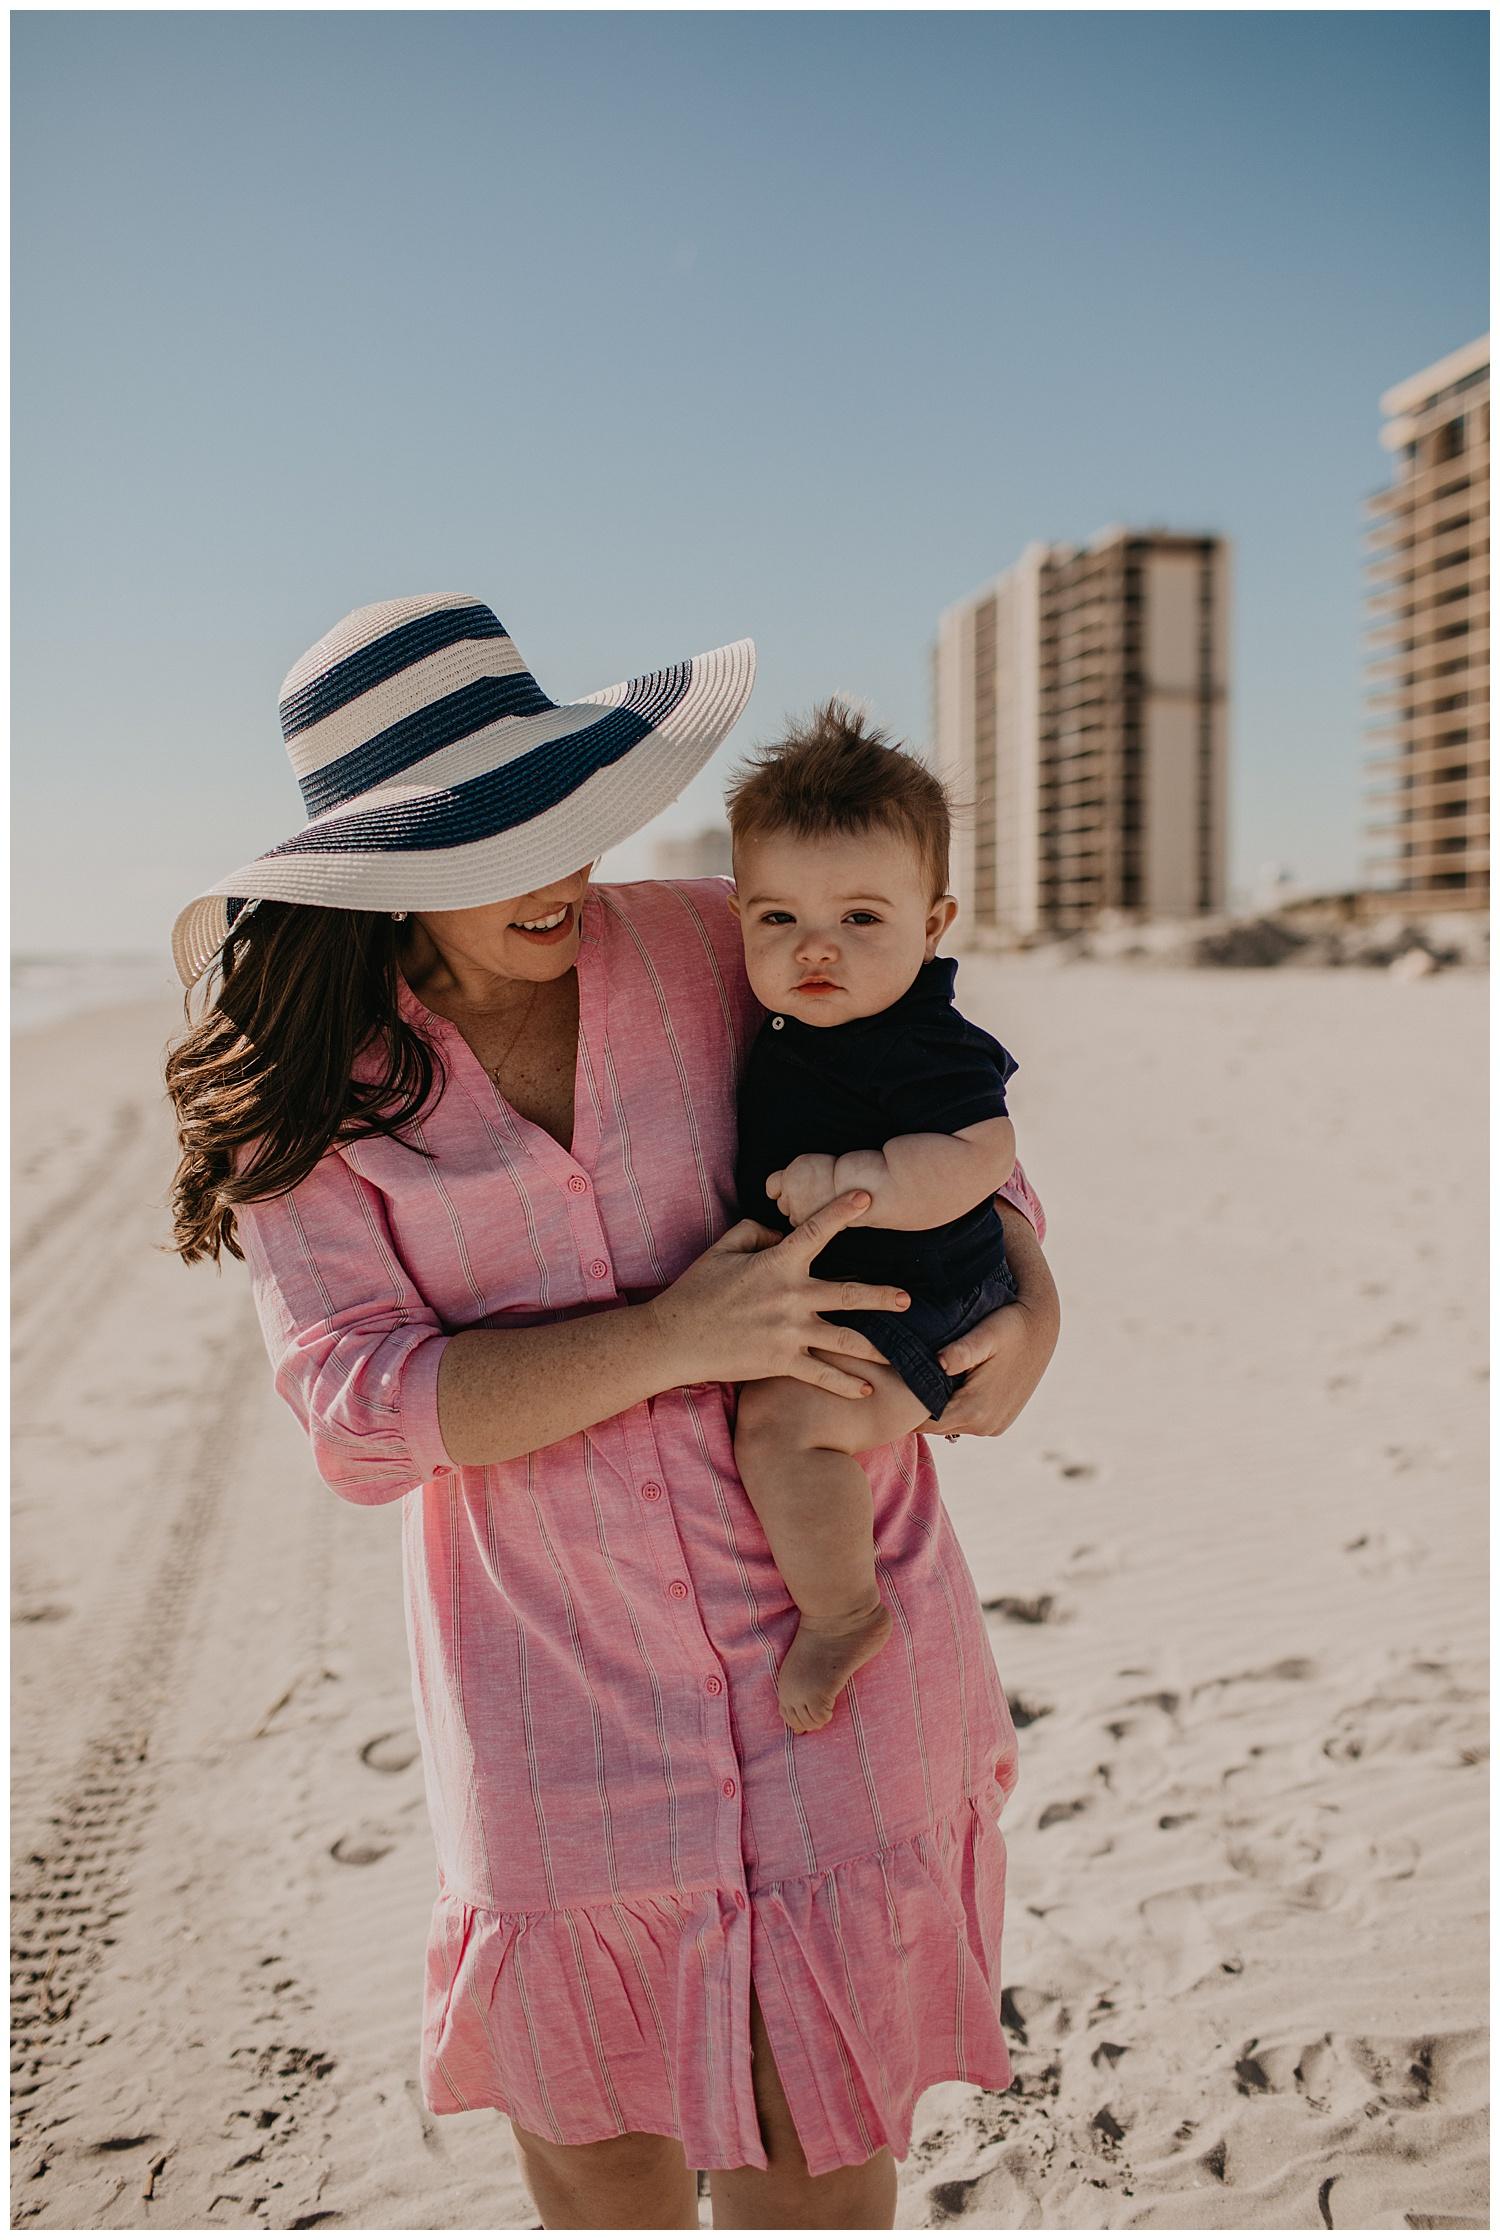 jacksonville-beach-family-session-jacksonville-beach-florida_0147.jpg